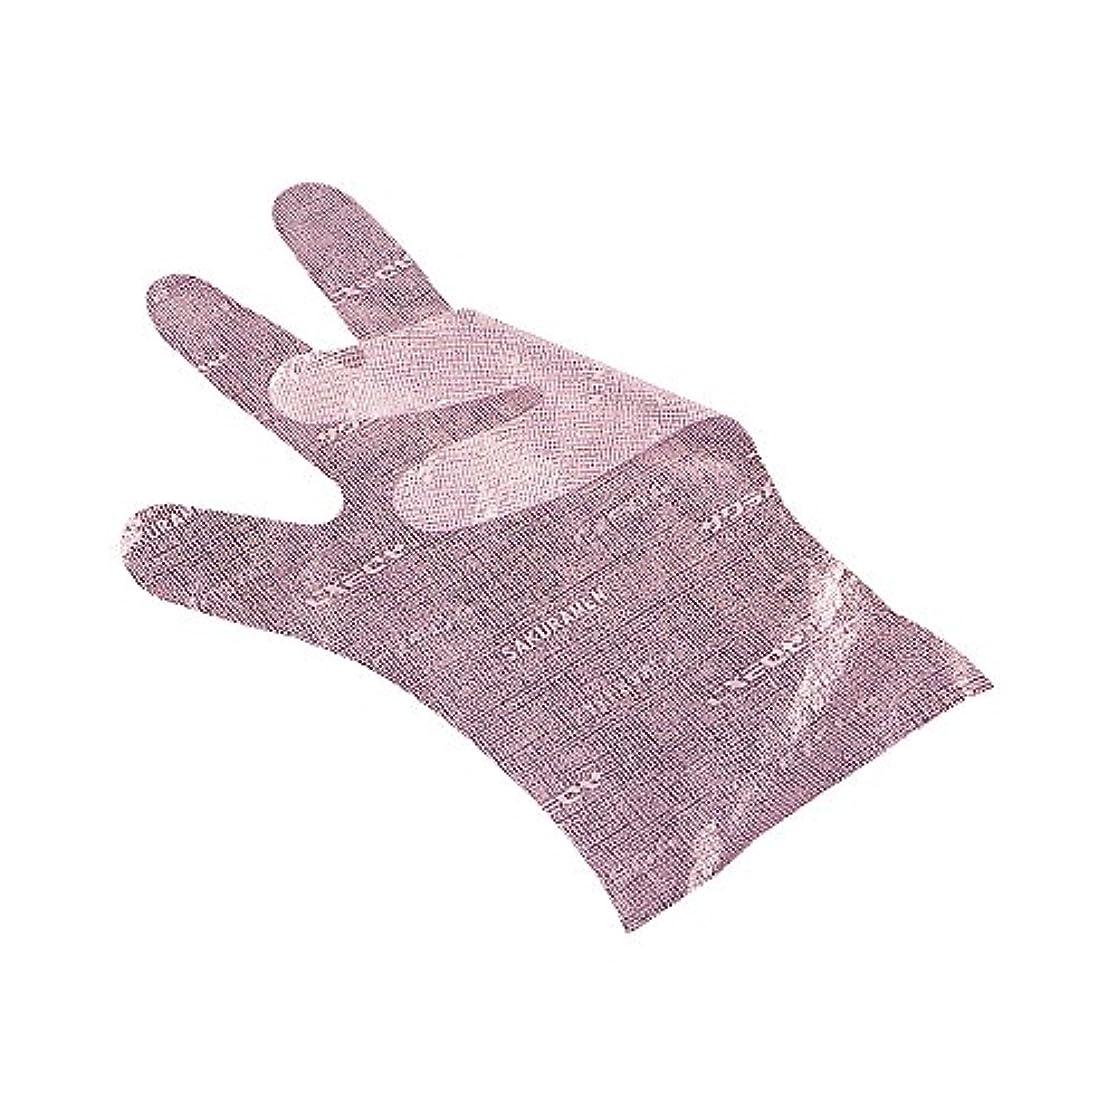 目を覚ますペリスコープ資本主義サクラメンエンボス手袋 デラックス ピンク M 100枚入